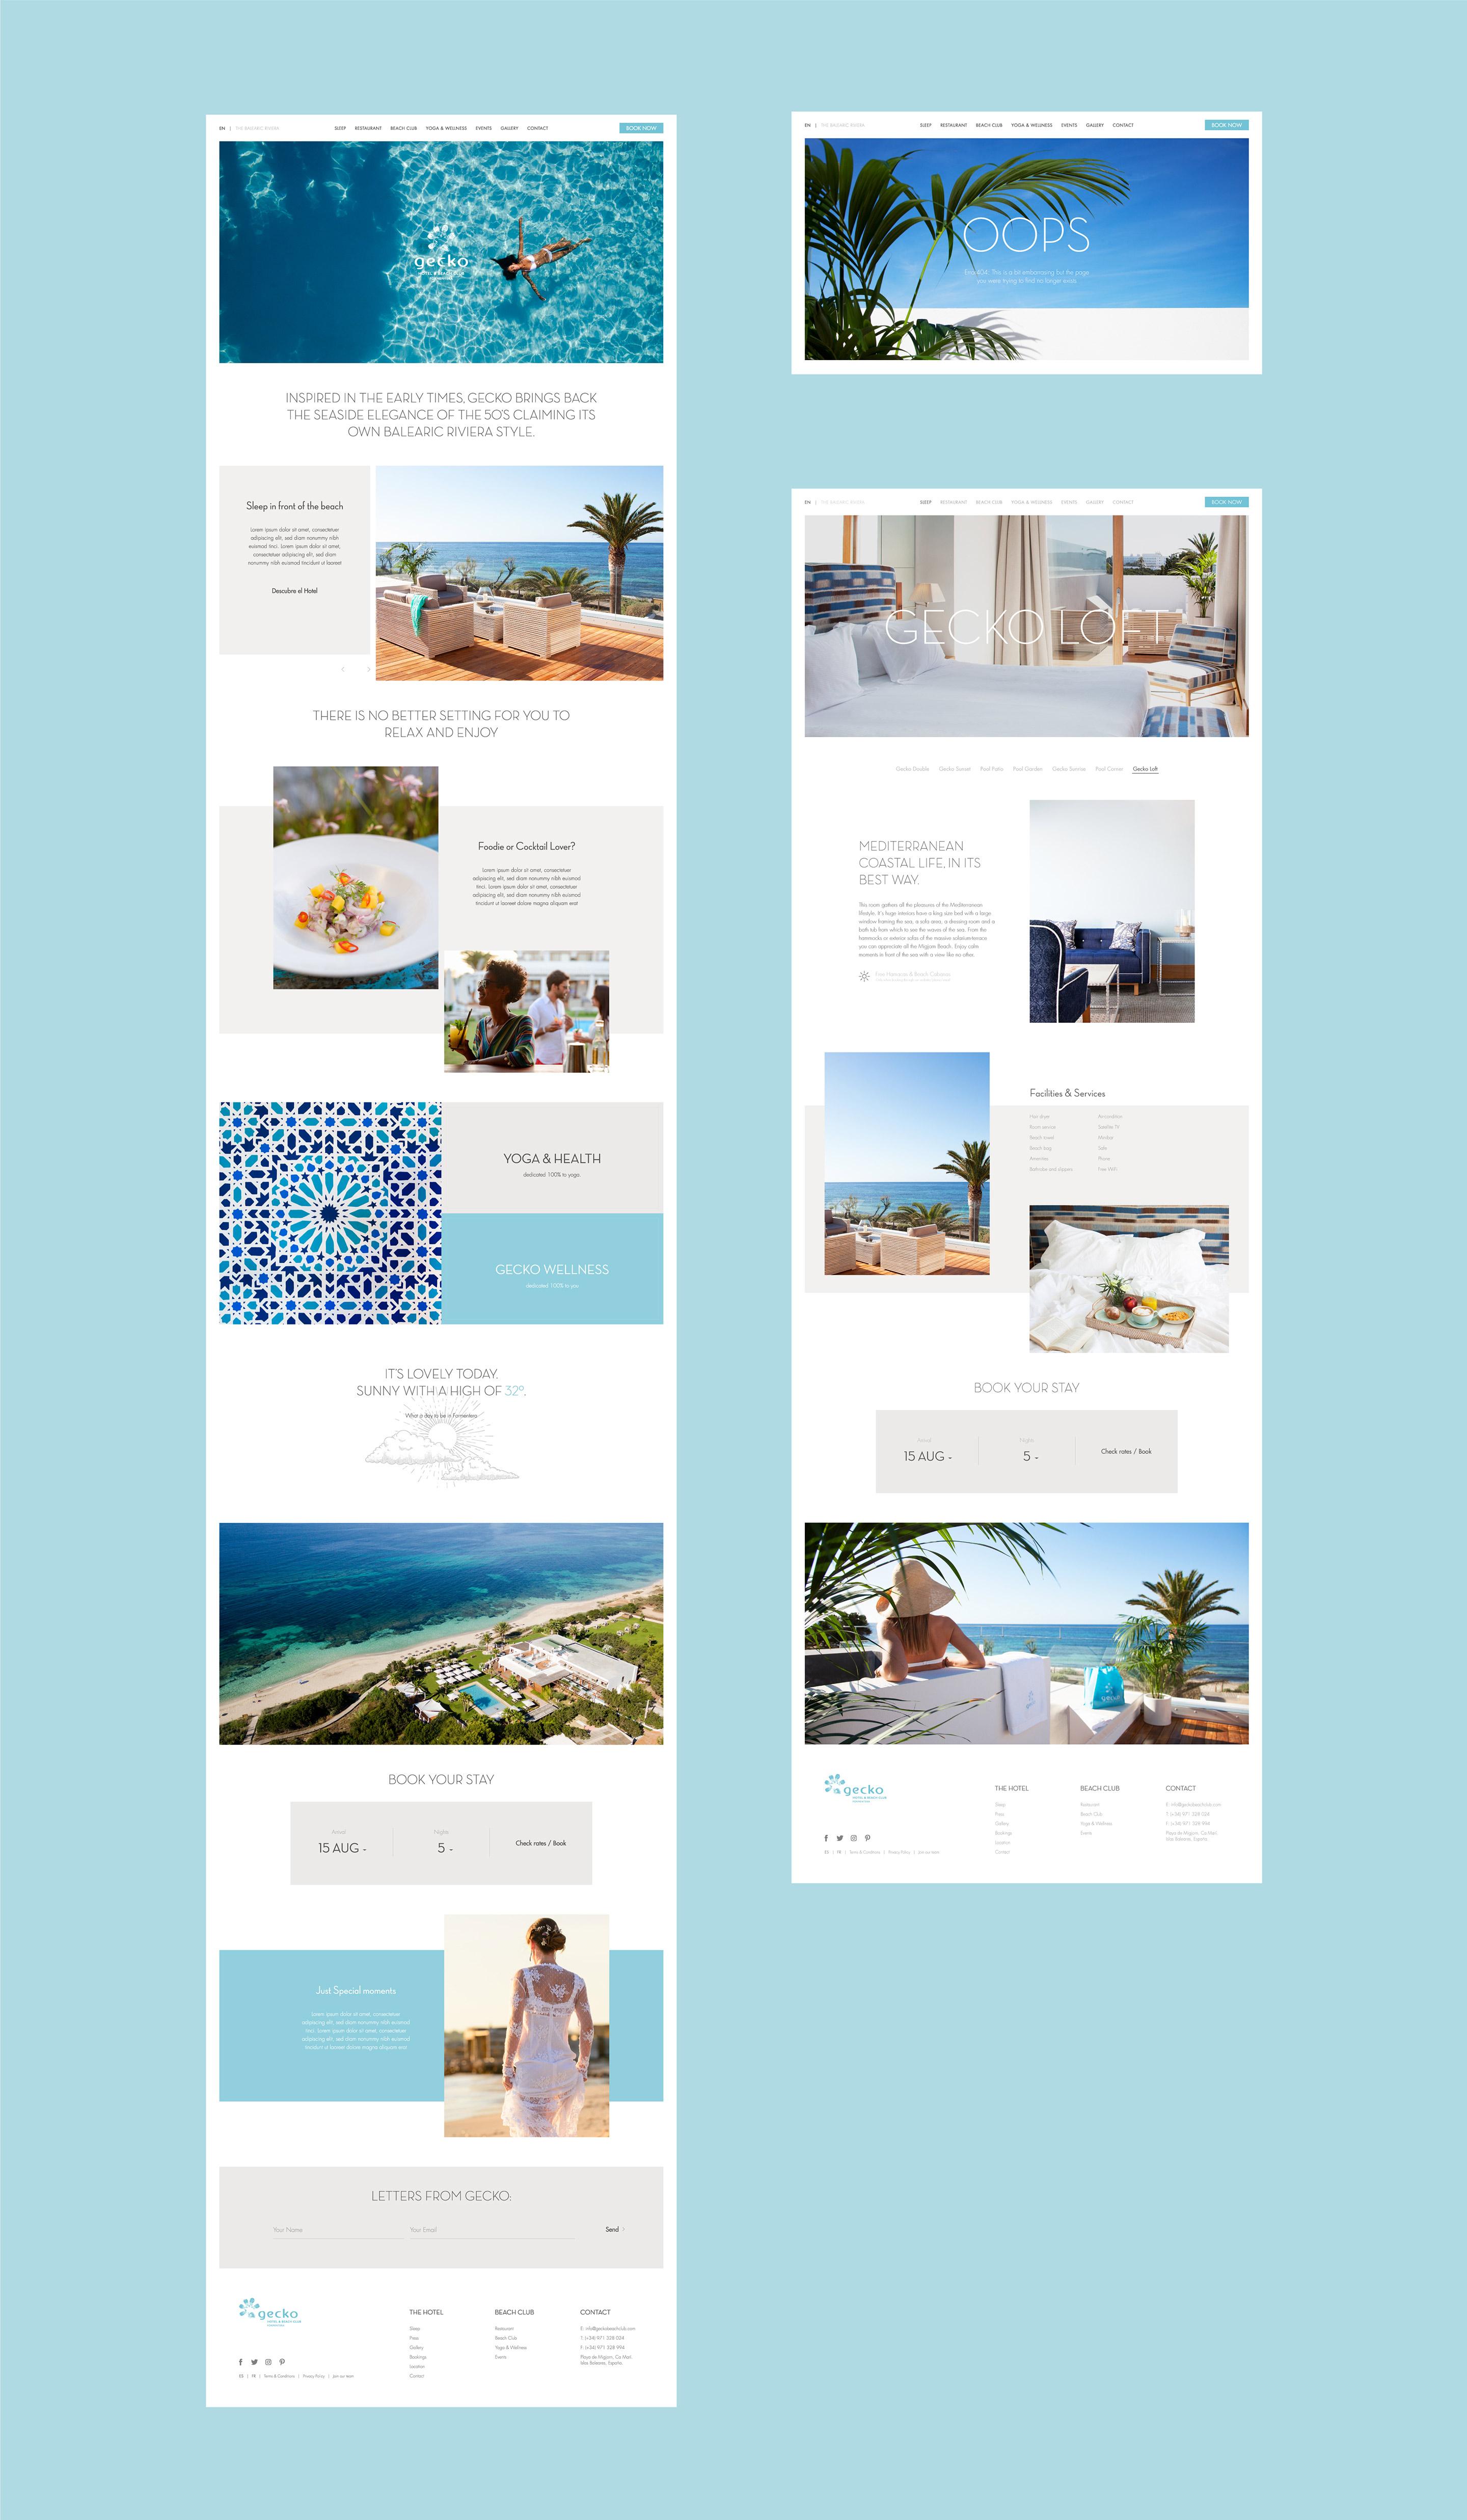 Gecko hotel diseño web página detalle